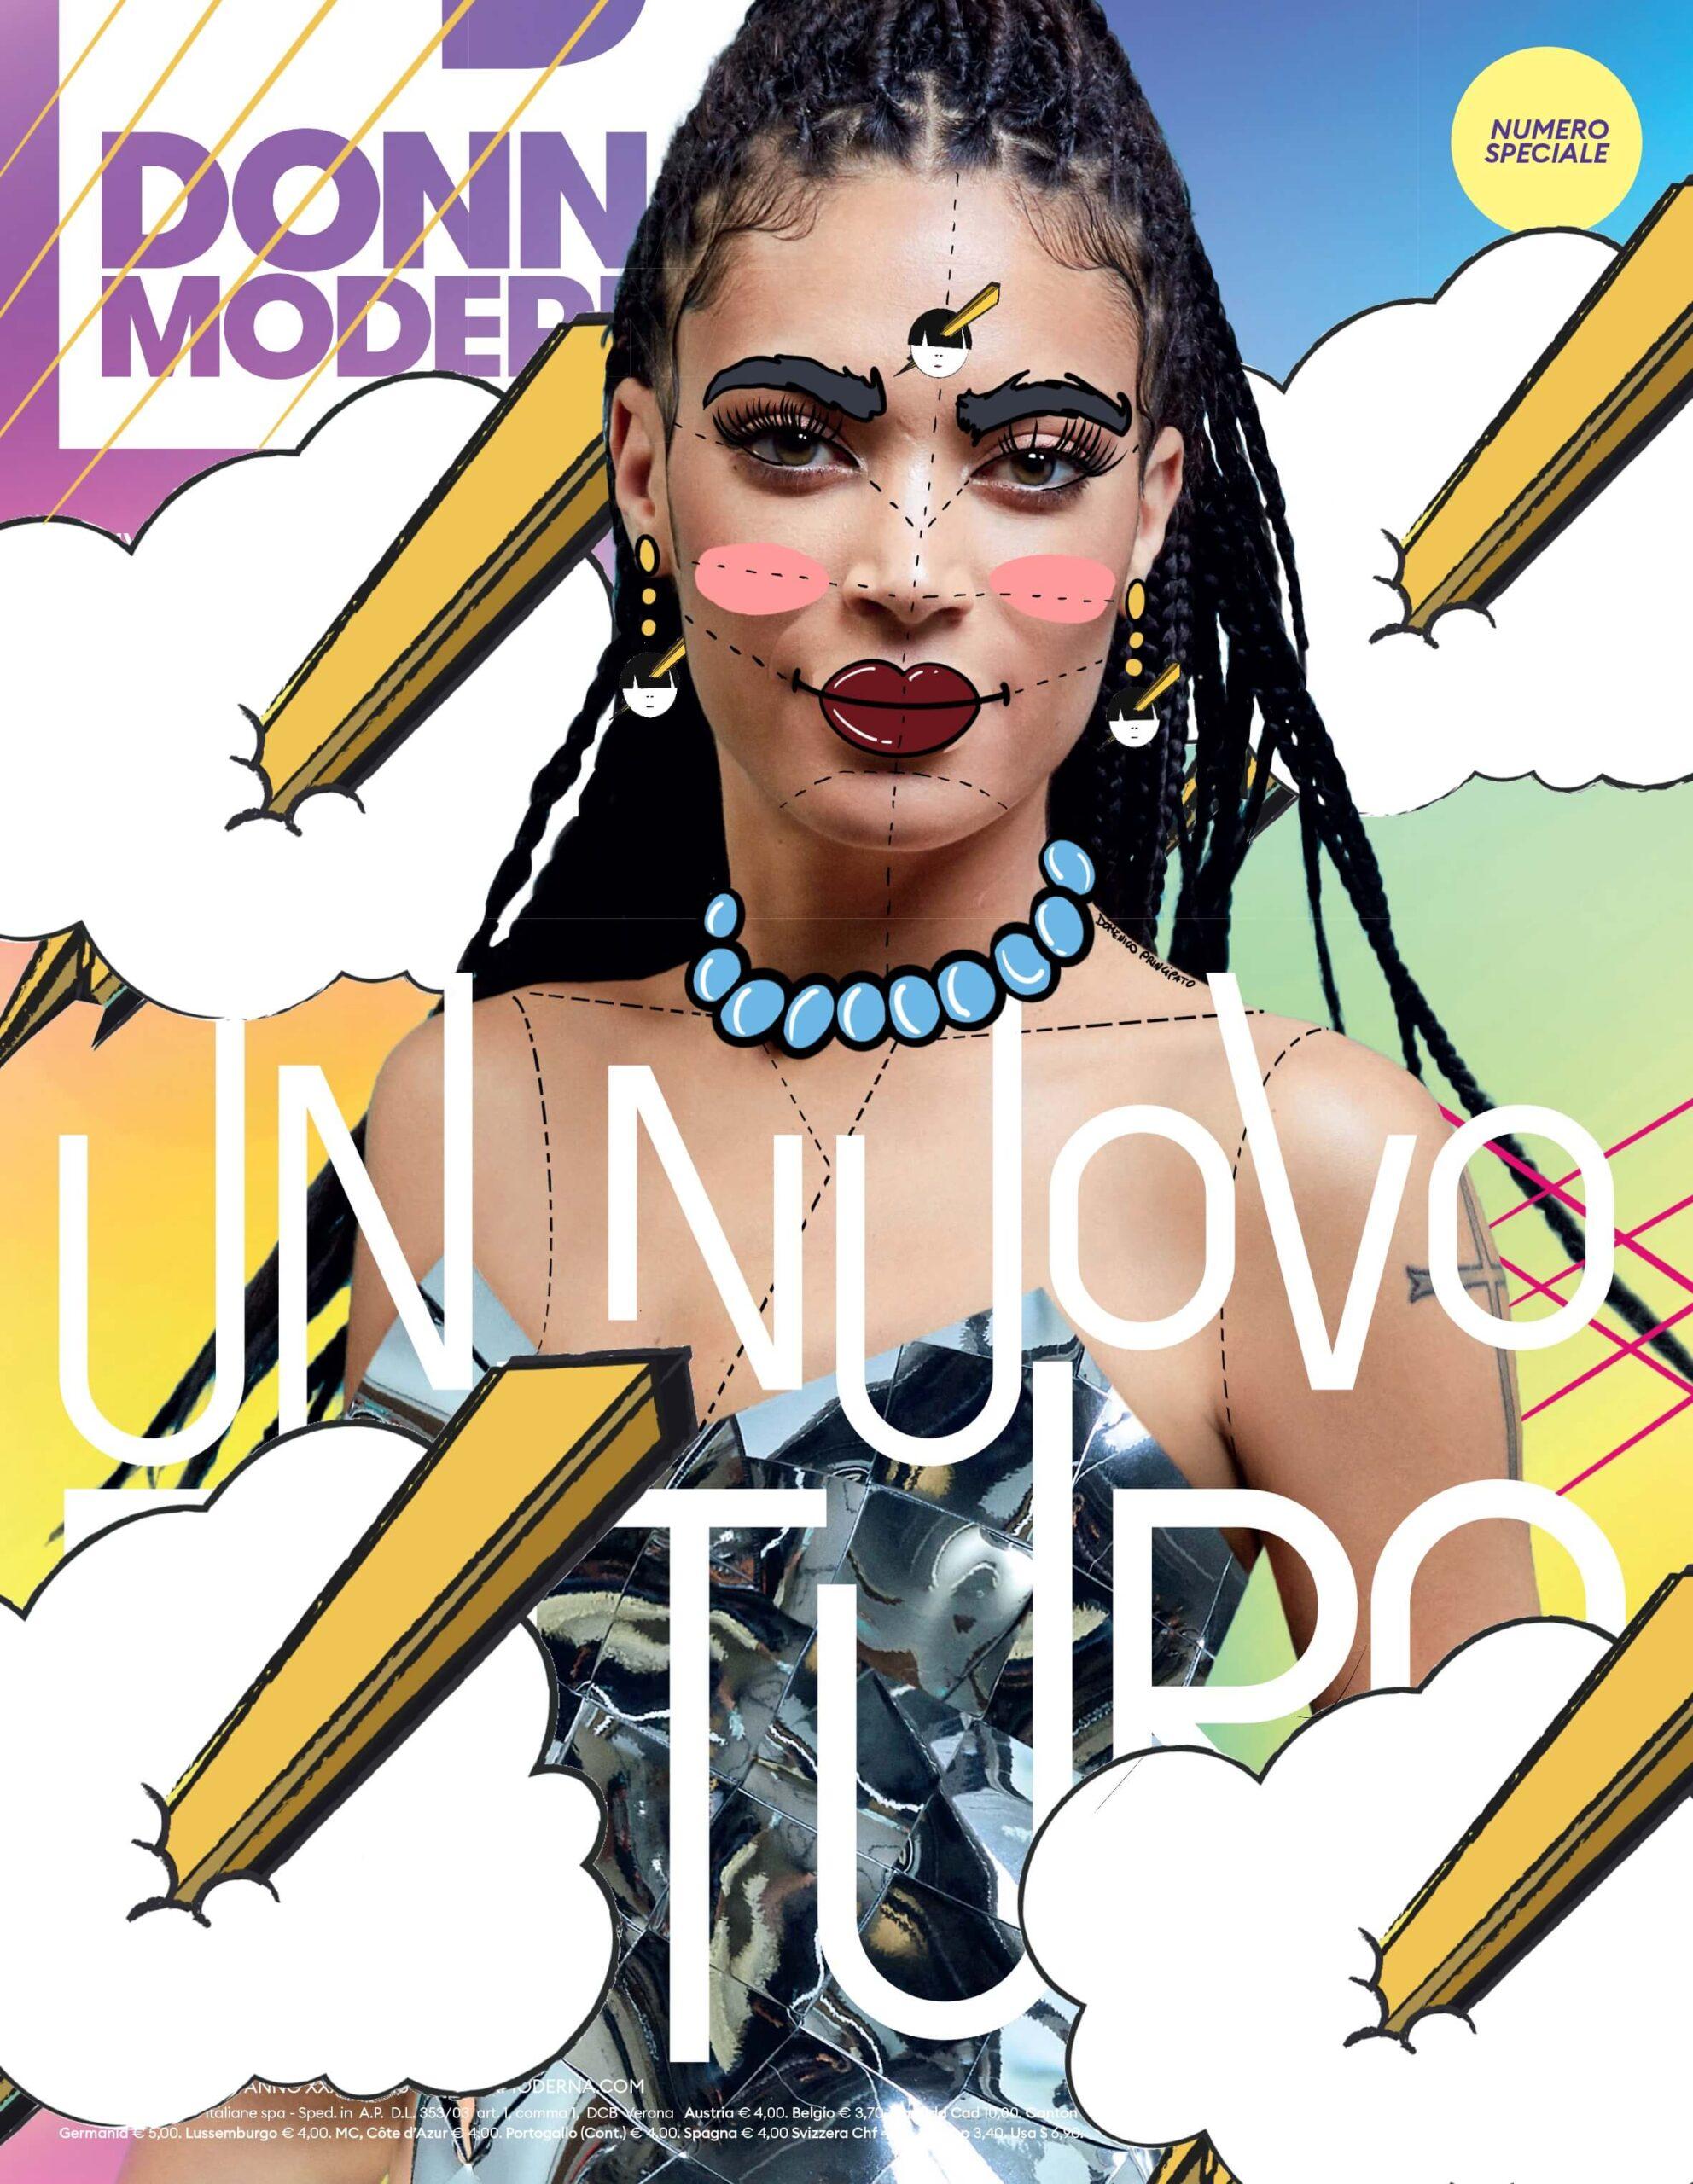 domenico-principato-donna-moderna-cover-ita-2020-1